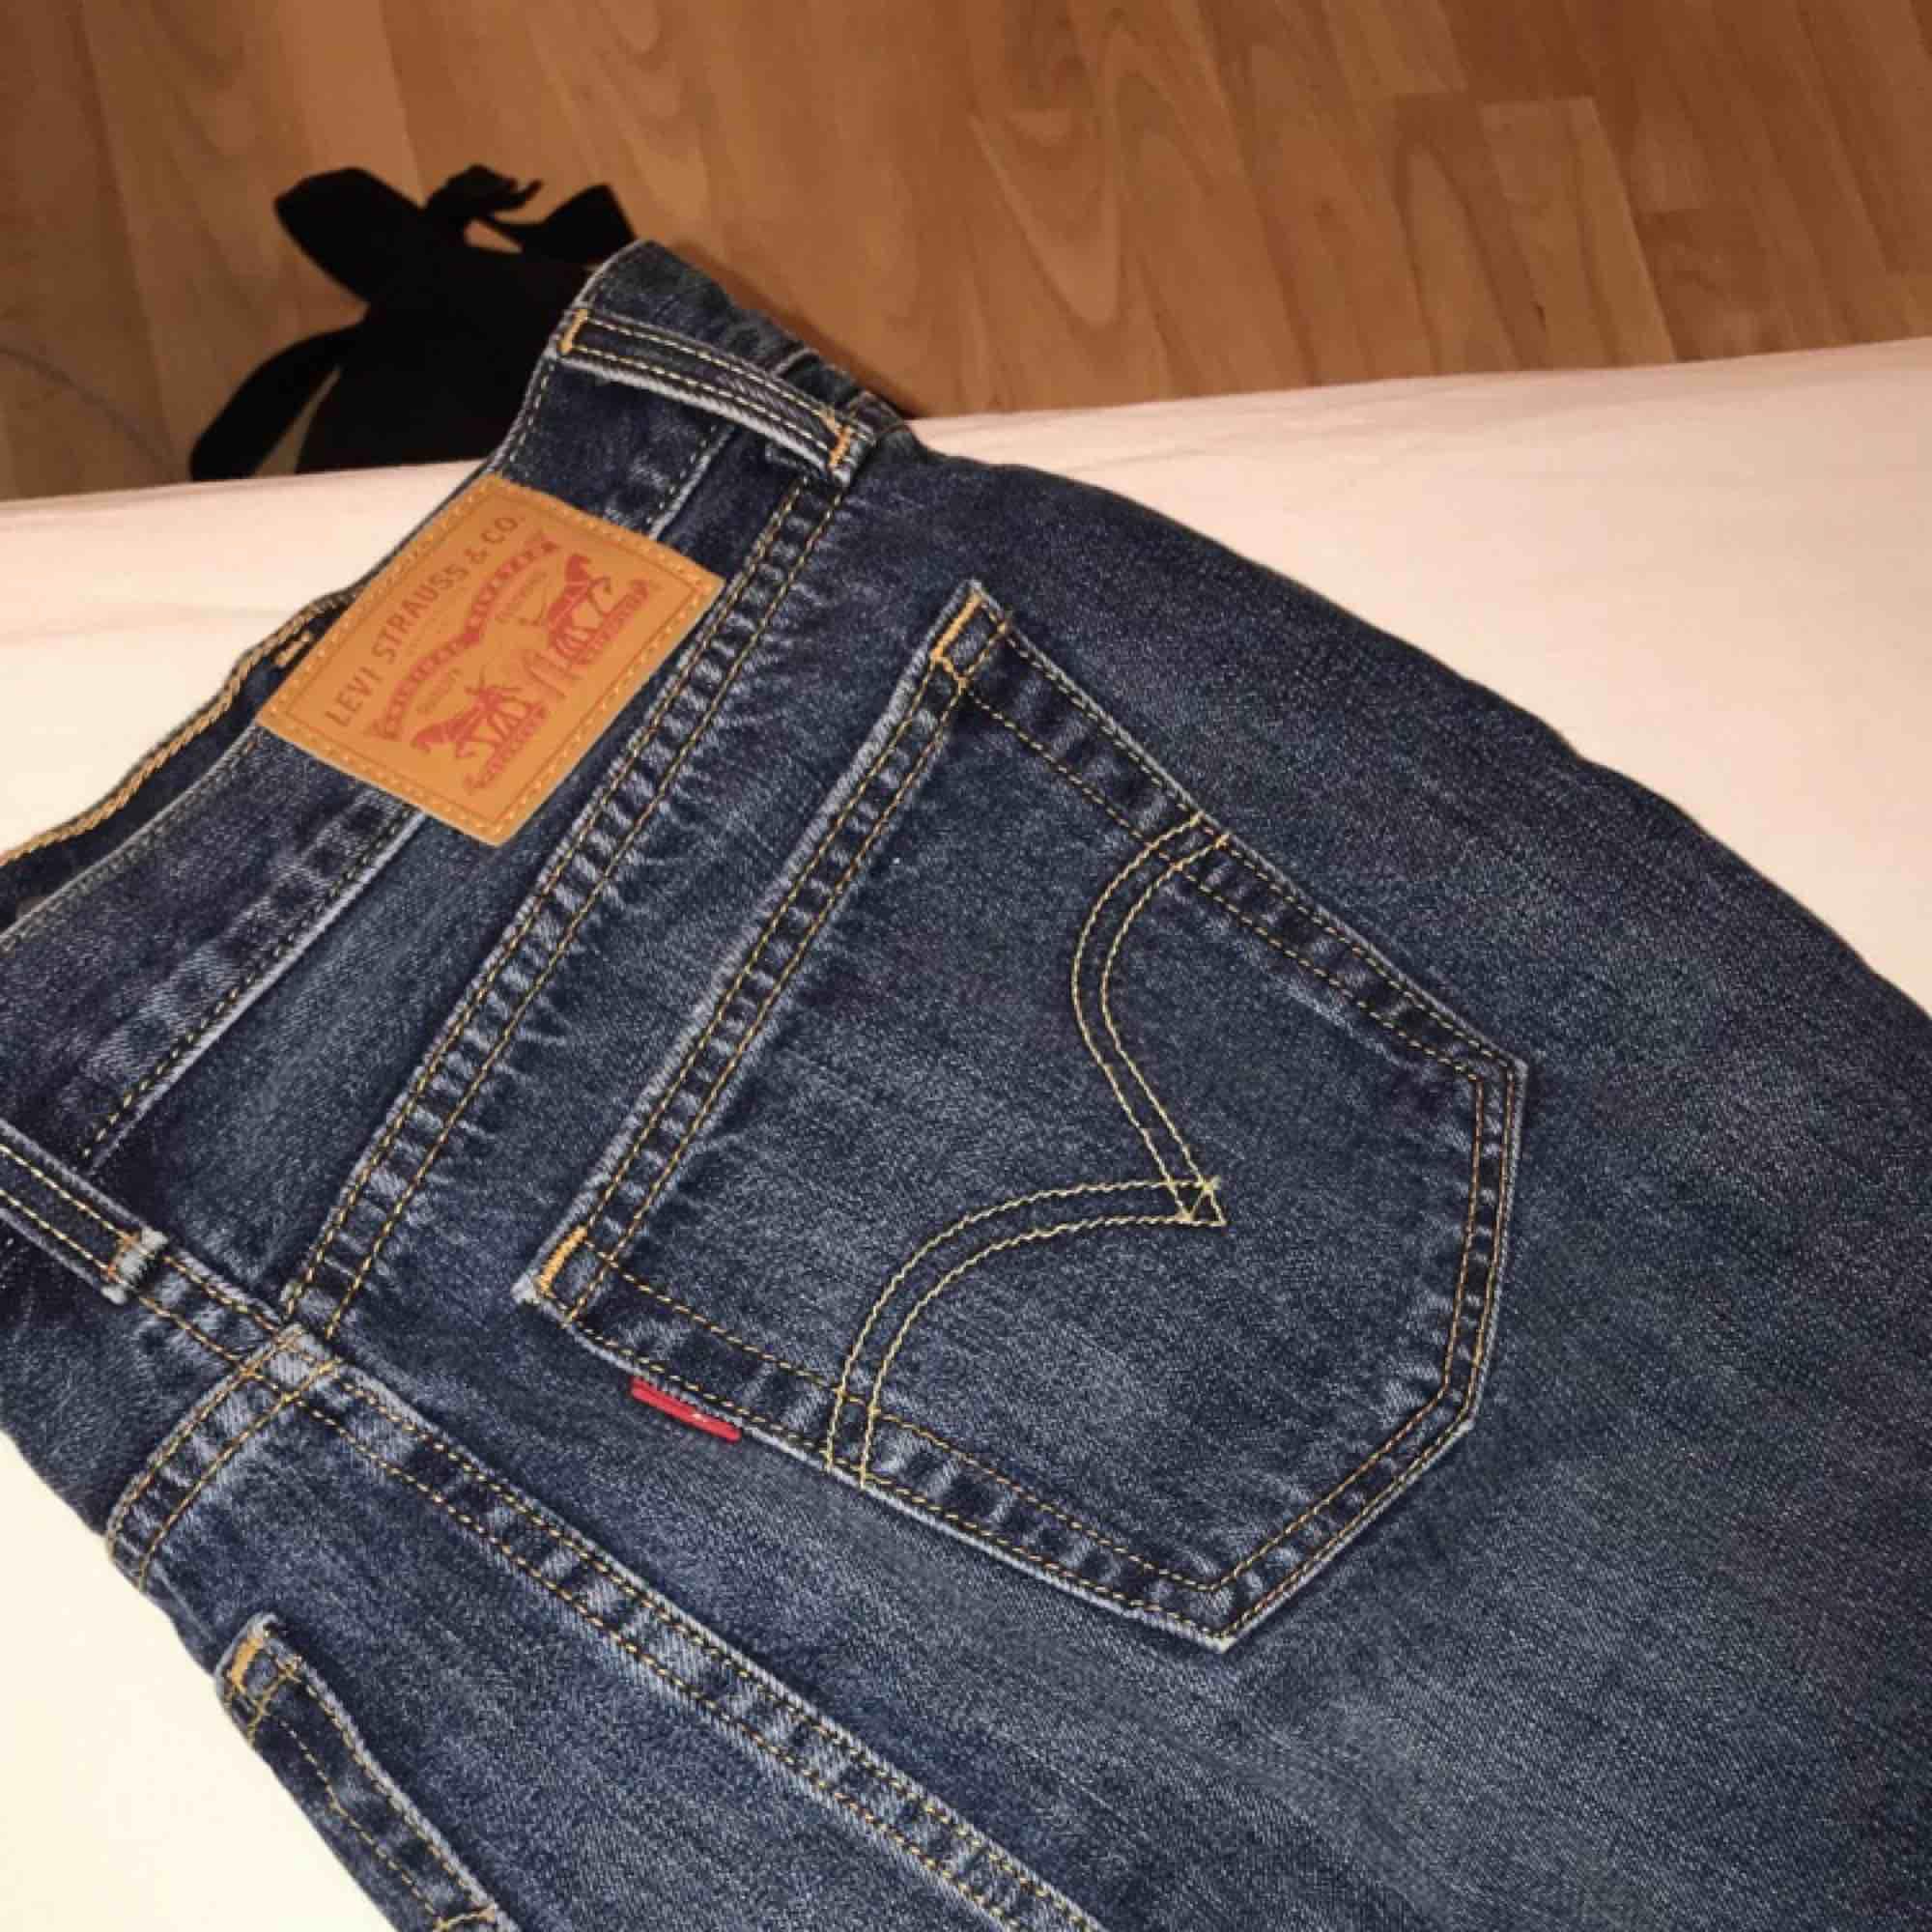 Säljer nu min älskade Levis kjol då den blivit för liten  :( inköpt sommaren 2018 och användes vid fåtal tillfällen. Den har ingen strech utan är 100% jeans. Inköpt på Nelly.com för runt 600<3. Kjolar.